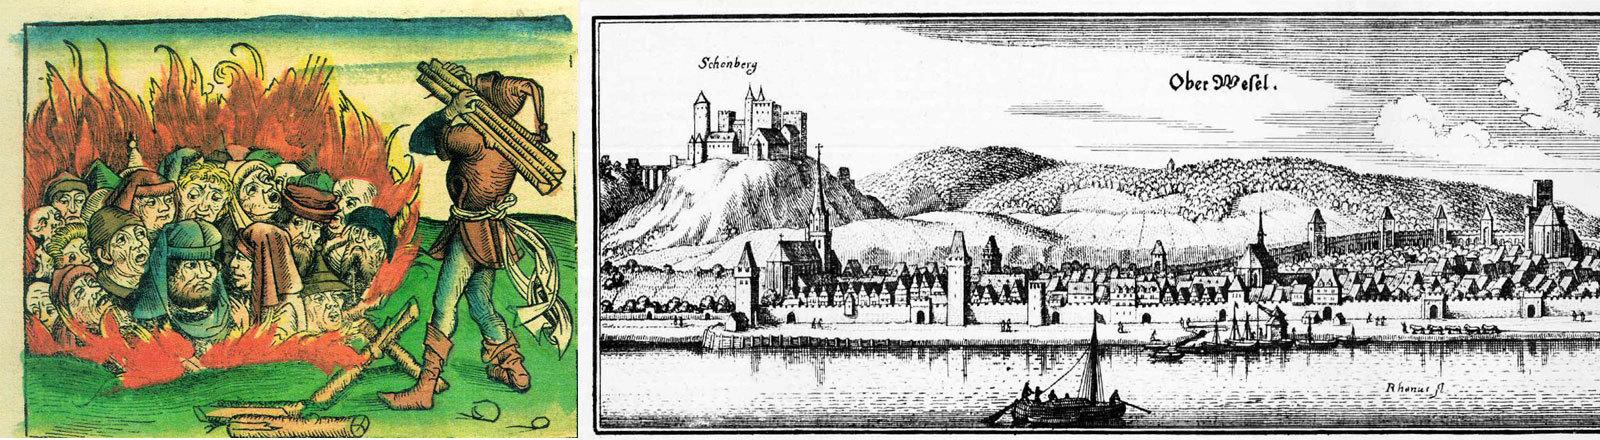 Judenverfolgung 1493 - Zeichnung von Hartmann Schedel, Stich von Matthäus Merian von Oberwesel 1645